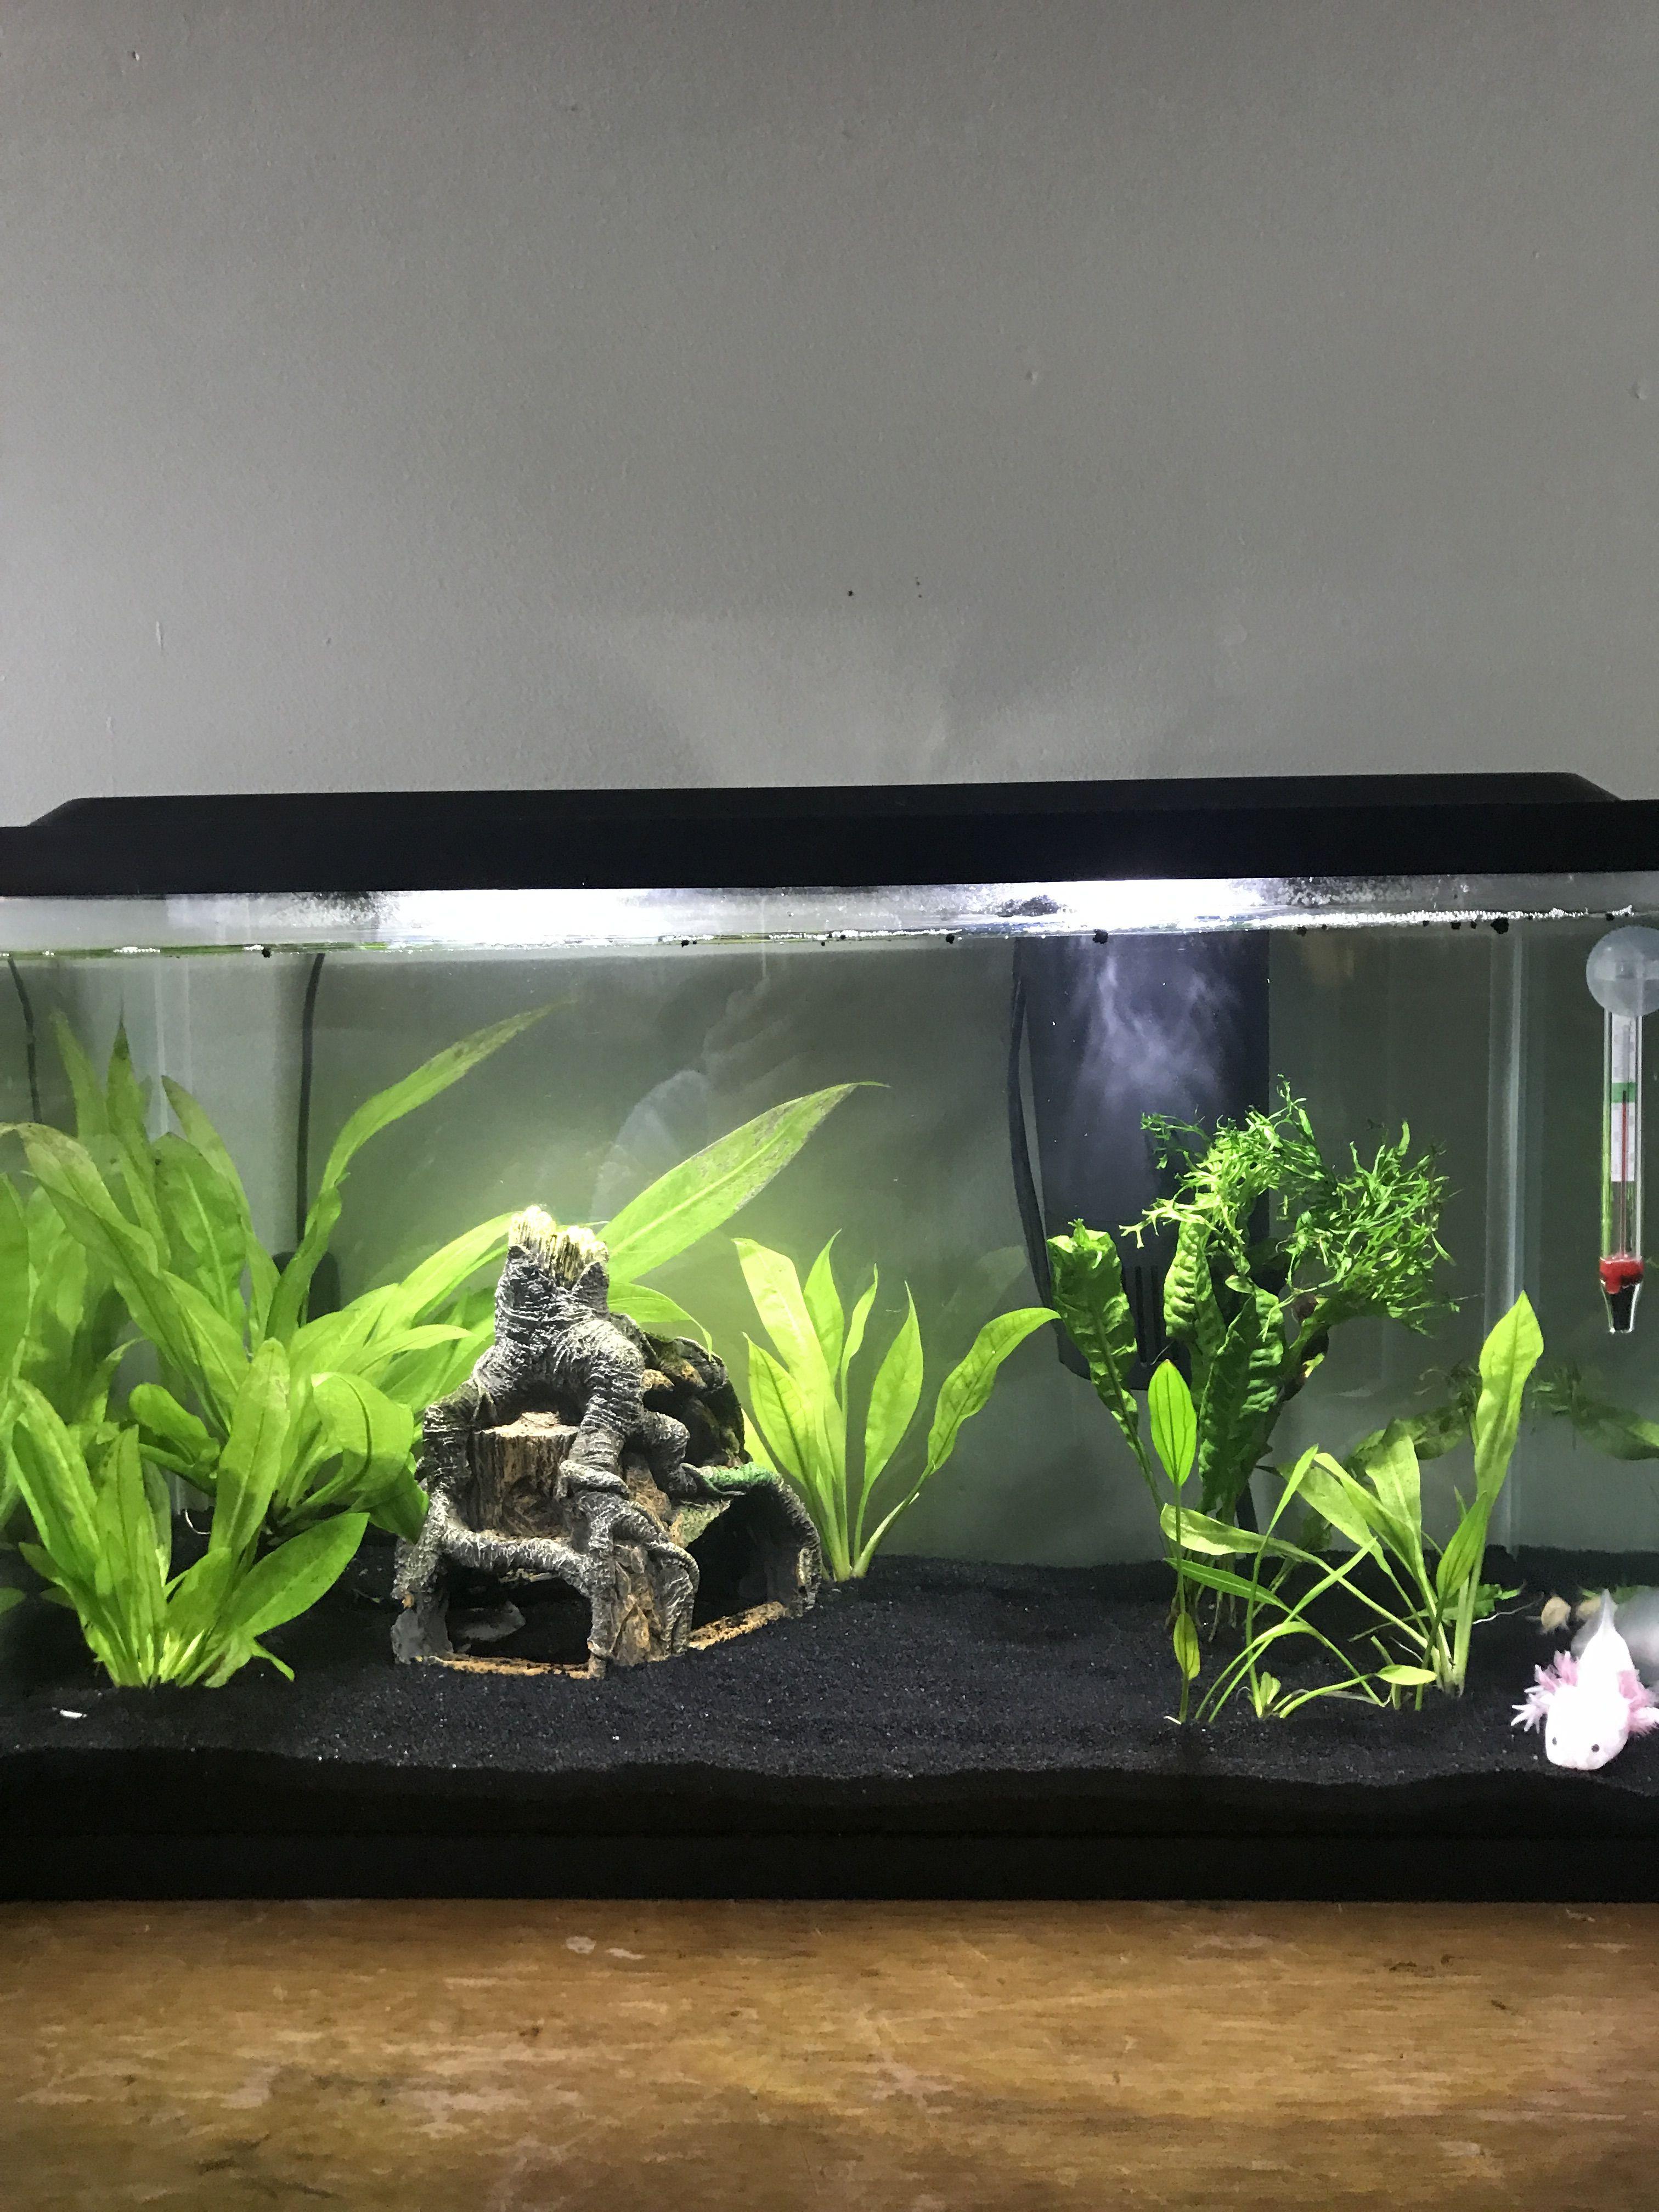 Axolotl Tank Fish Tank Themes Axolotl Tank Fresh Water Fish Tank